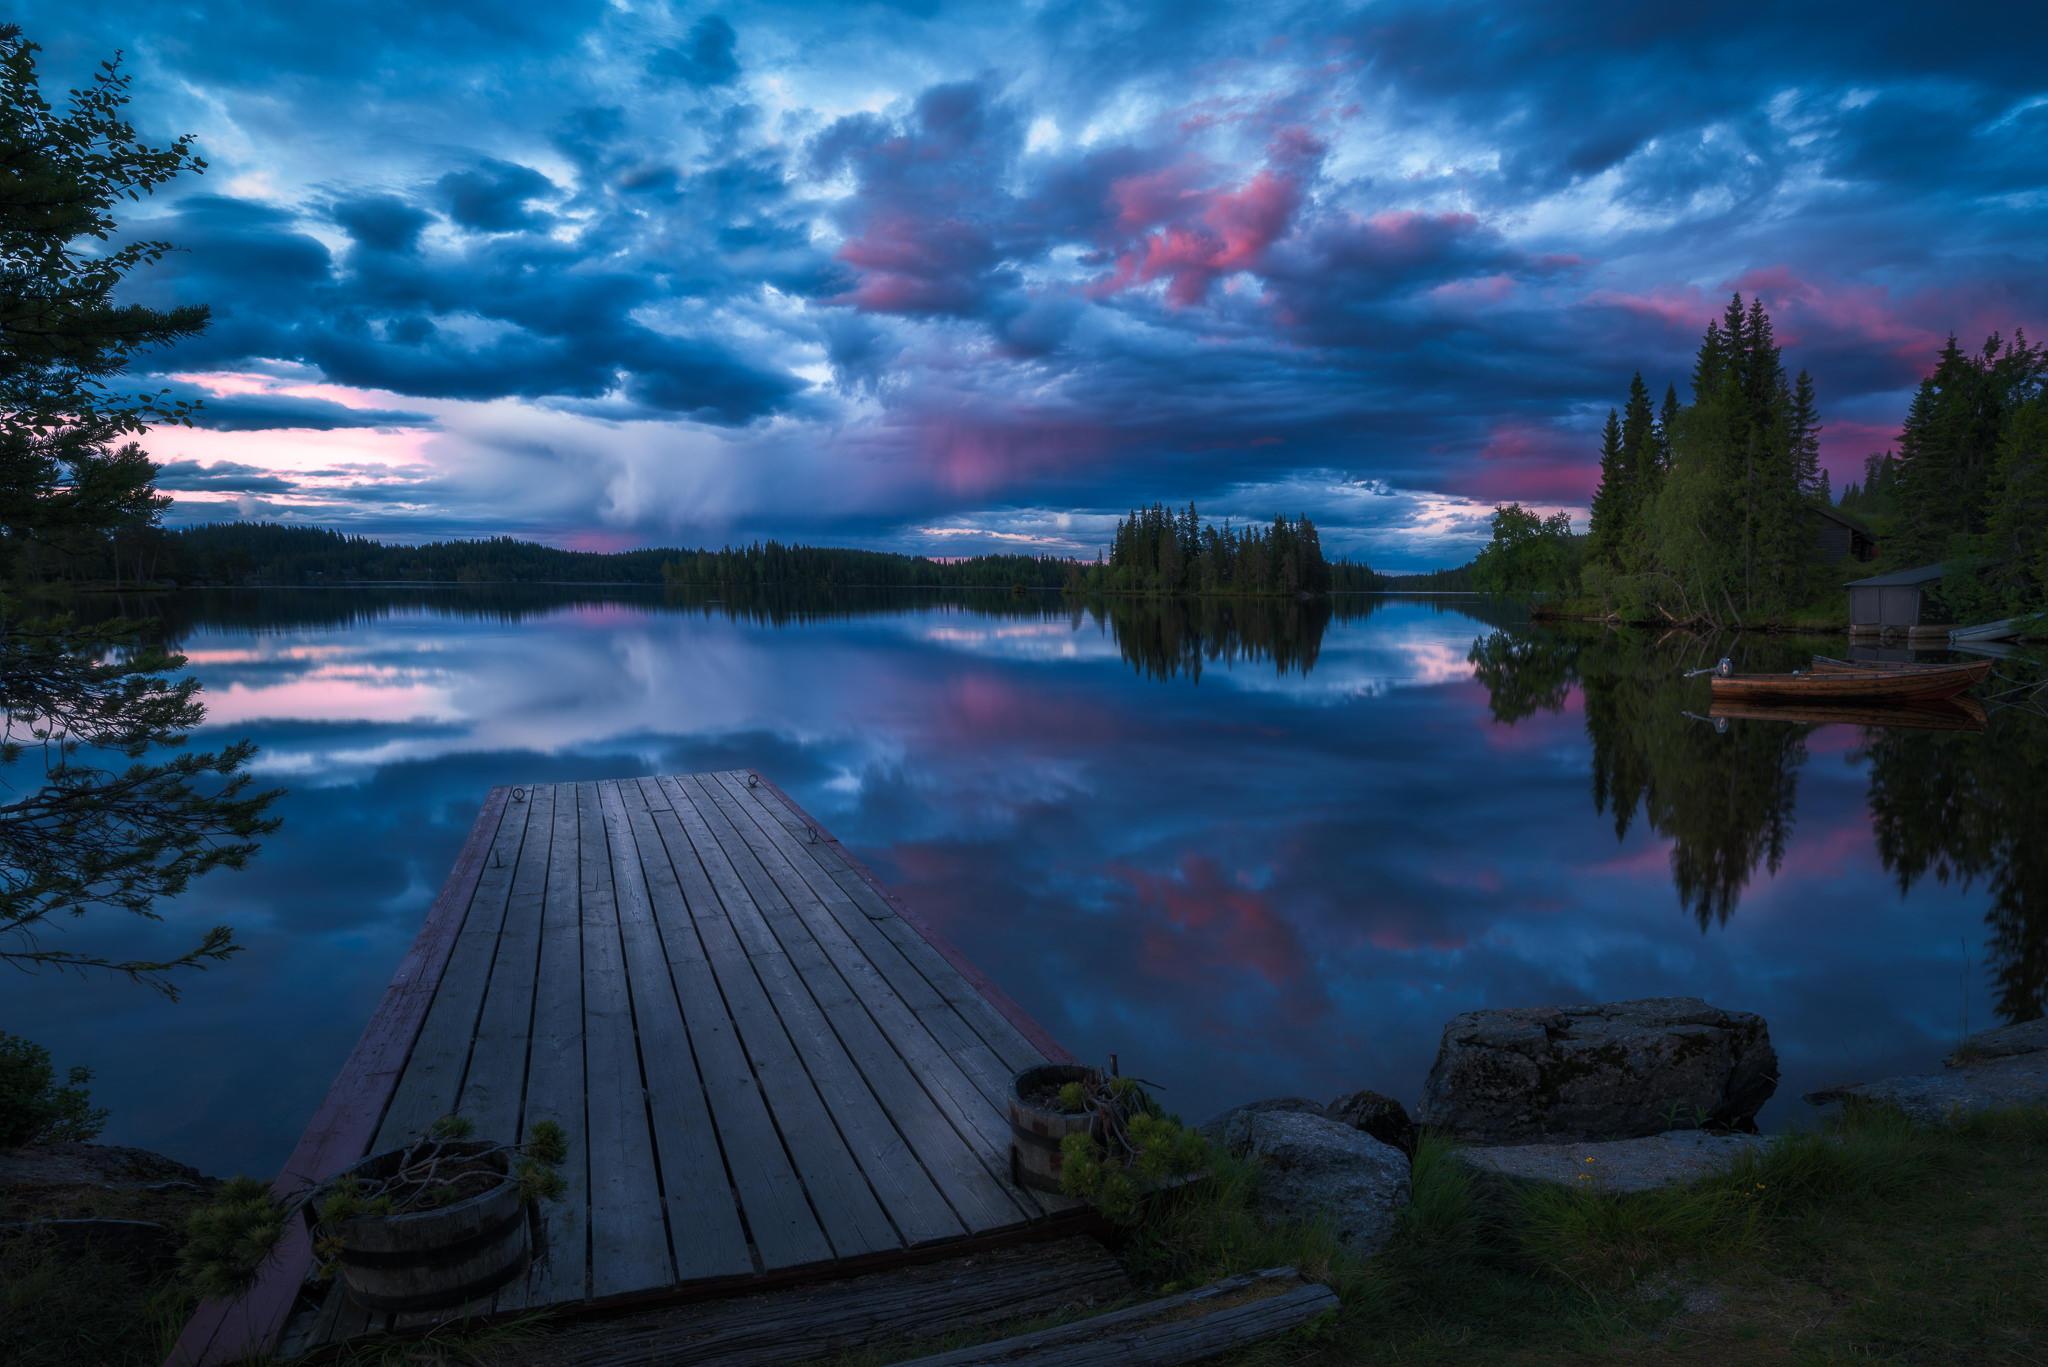 Местное озеро в Рингерике, Норвегия, закат, мост, причал, деревья, небо, пейзаж